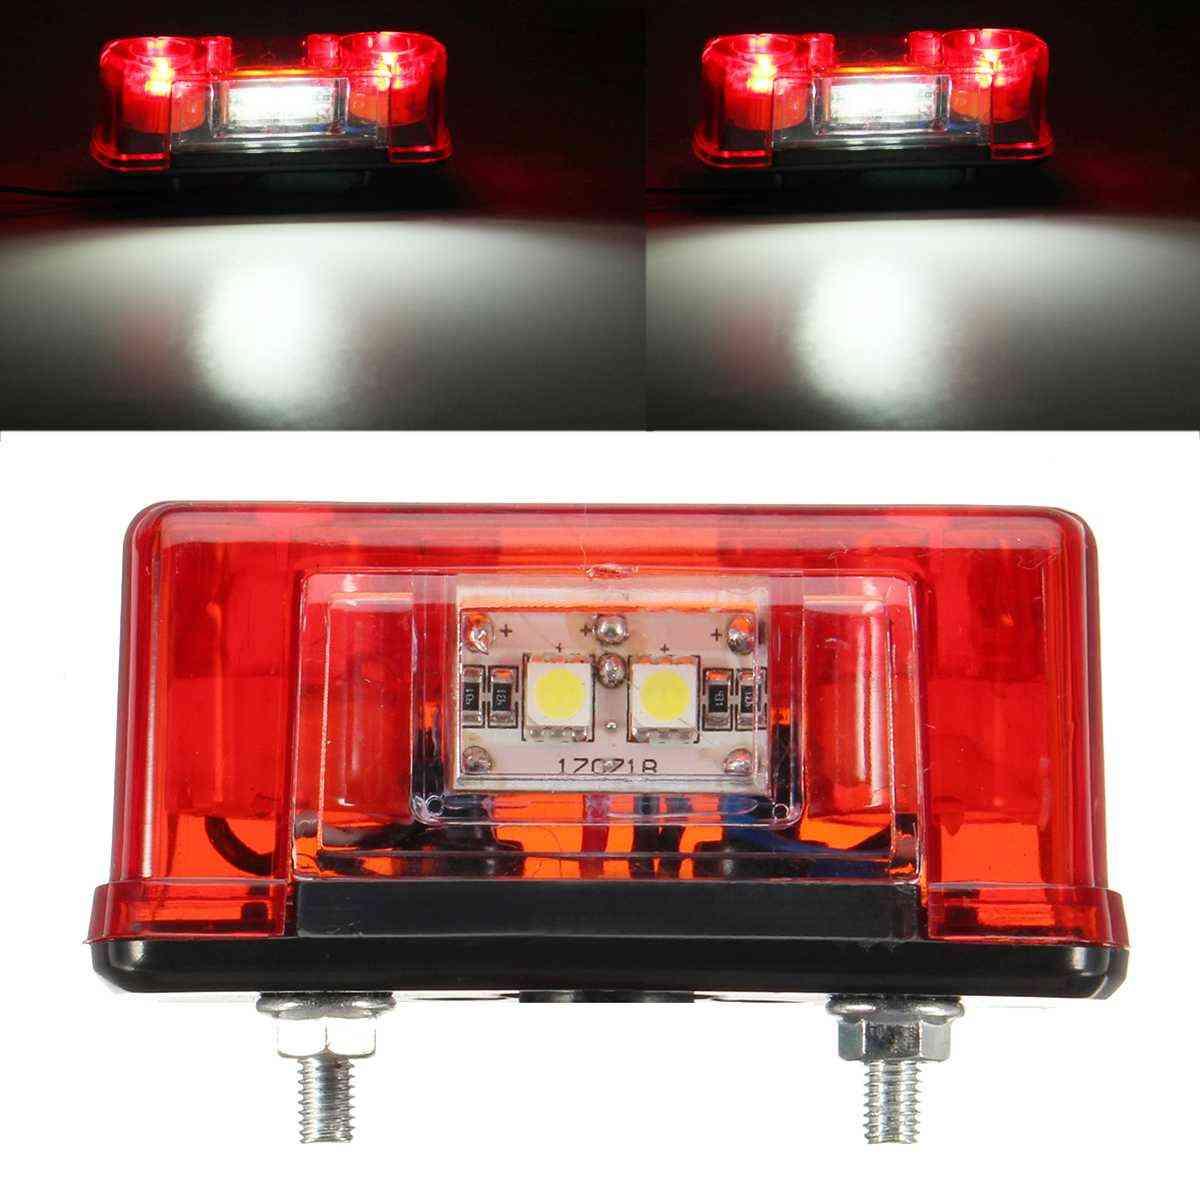 12v-24v Led License Number Plate, Tail Light Lamp